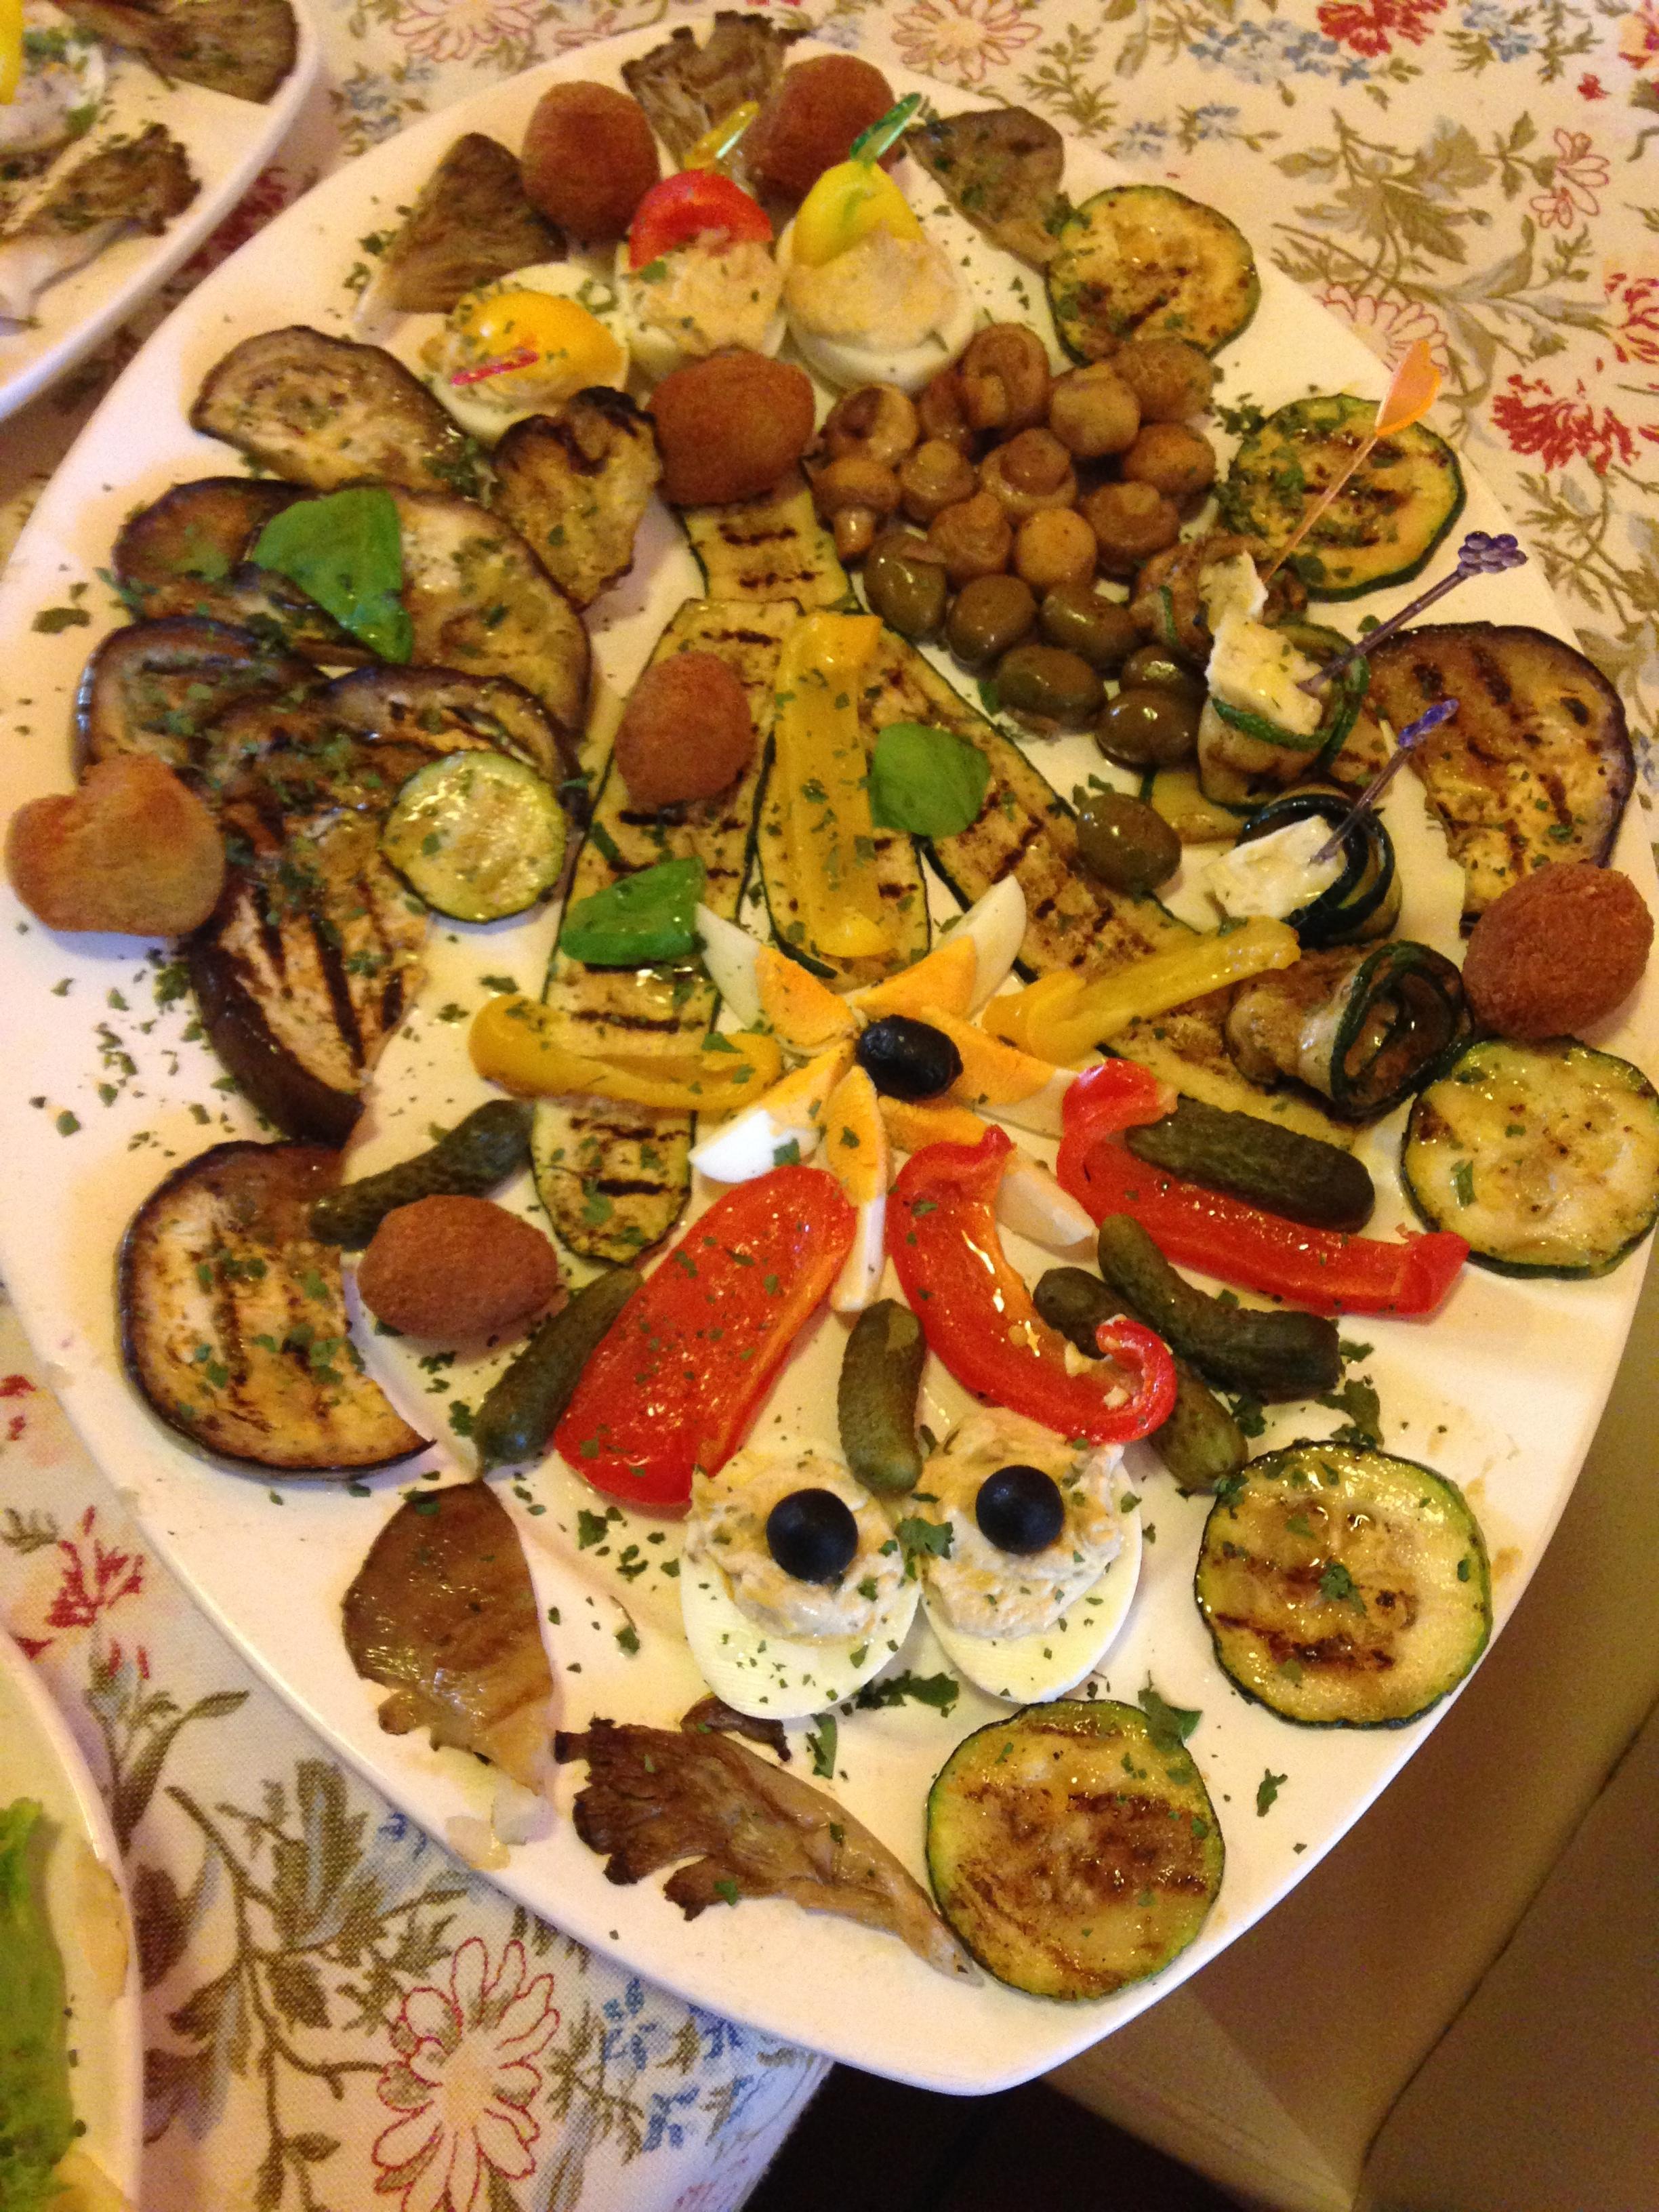 il mangiare - Lust auf Essen - 2015-11-02 - (Zeit 11-36-25)